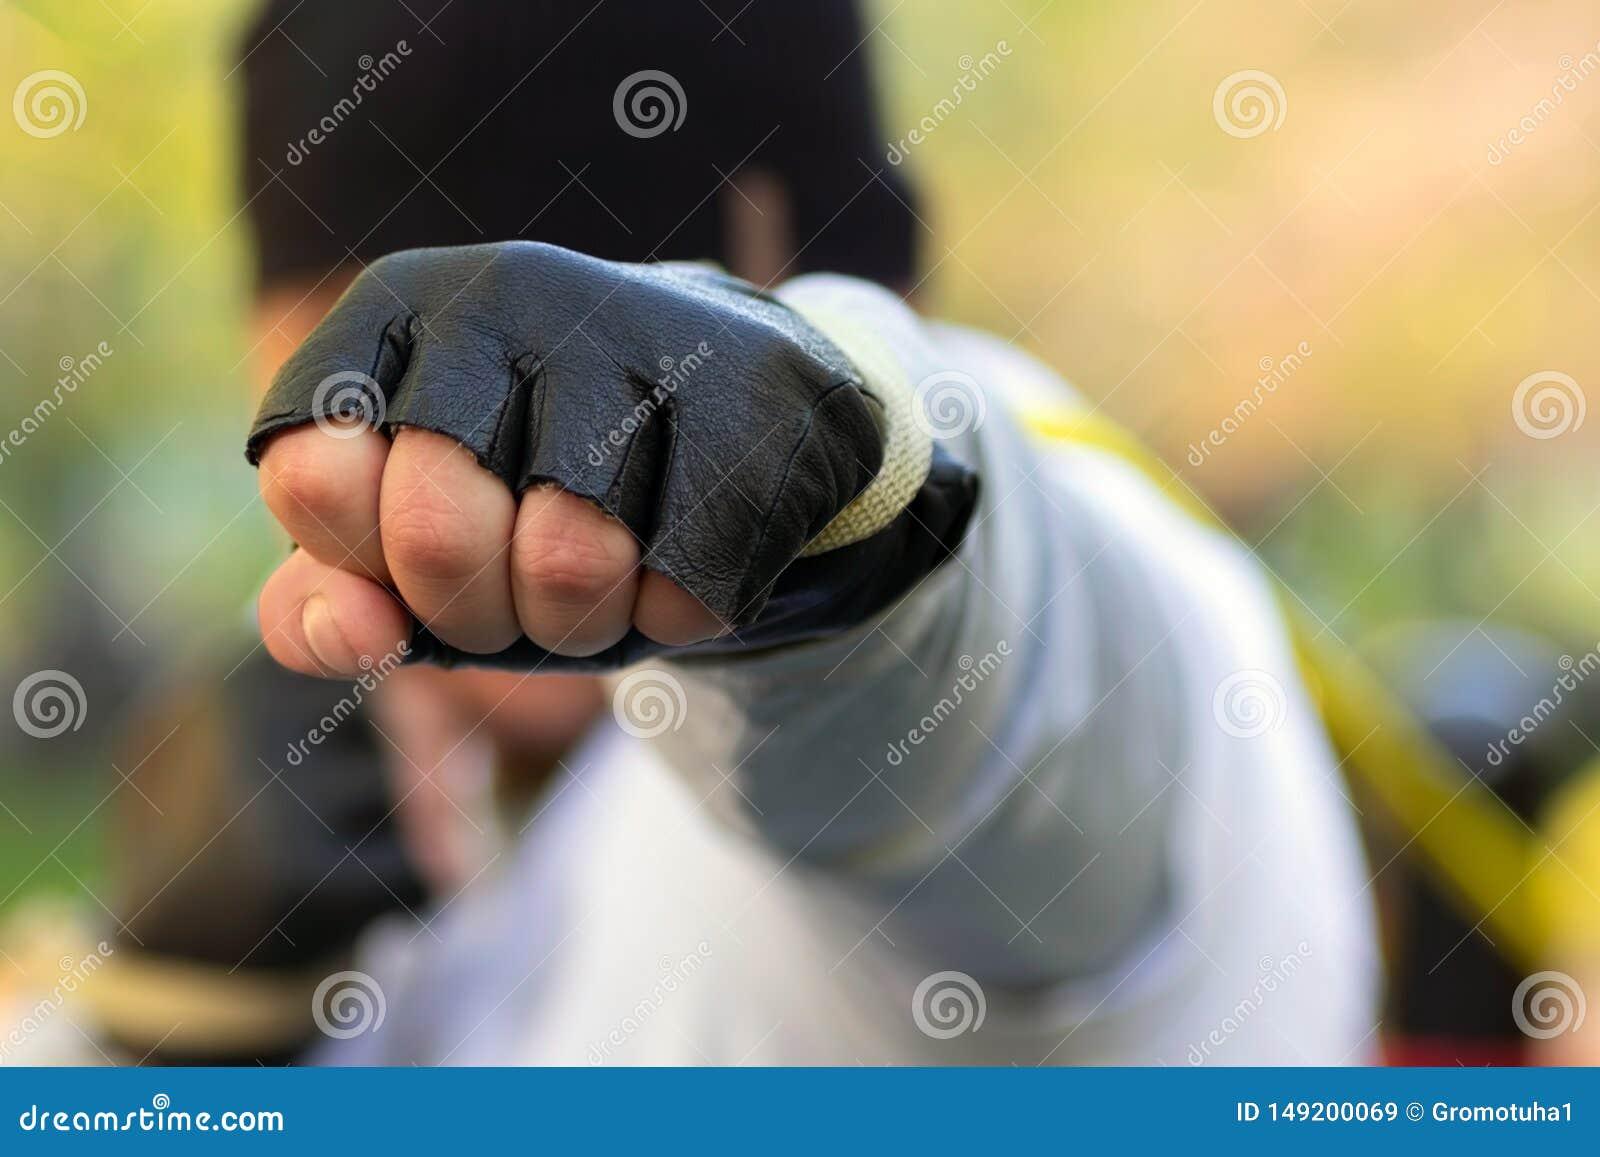 De stakingen van de boksermens met zijn vuist in een beschermende handschoen bij het doel In zijn die vuist met groot rubber van